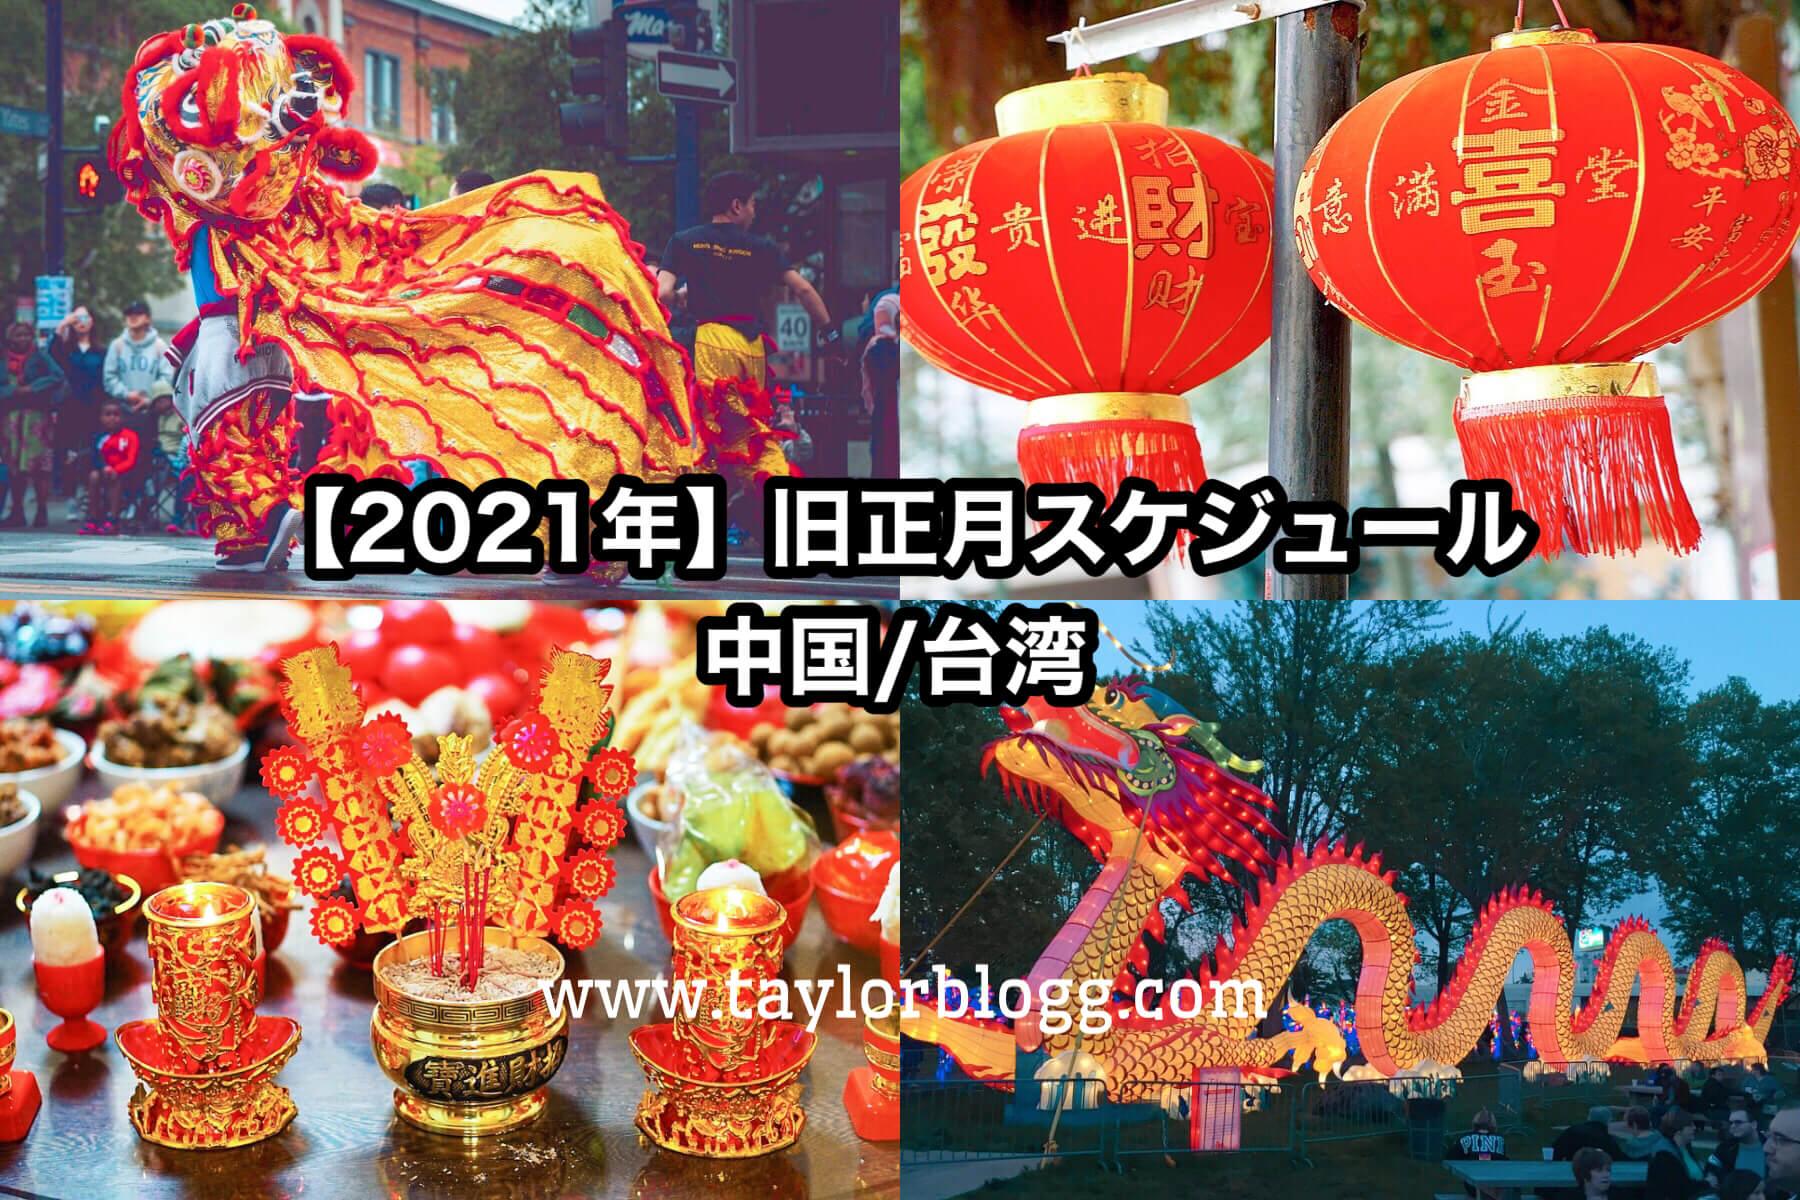 台湾 旧 正月 2021 2021年台湾の旧正月や連休カレンダー、日本の祝日と重ねてチェック|...